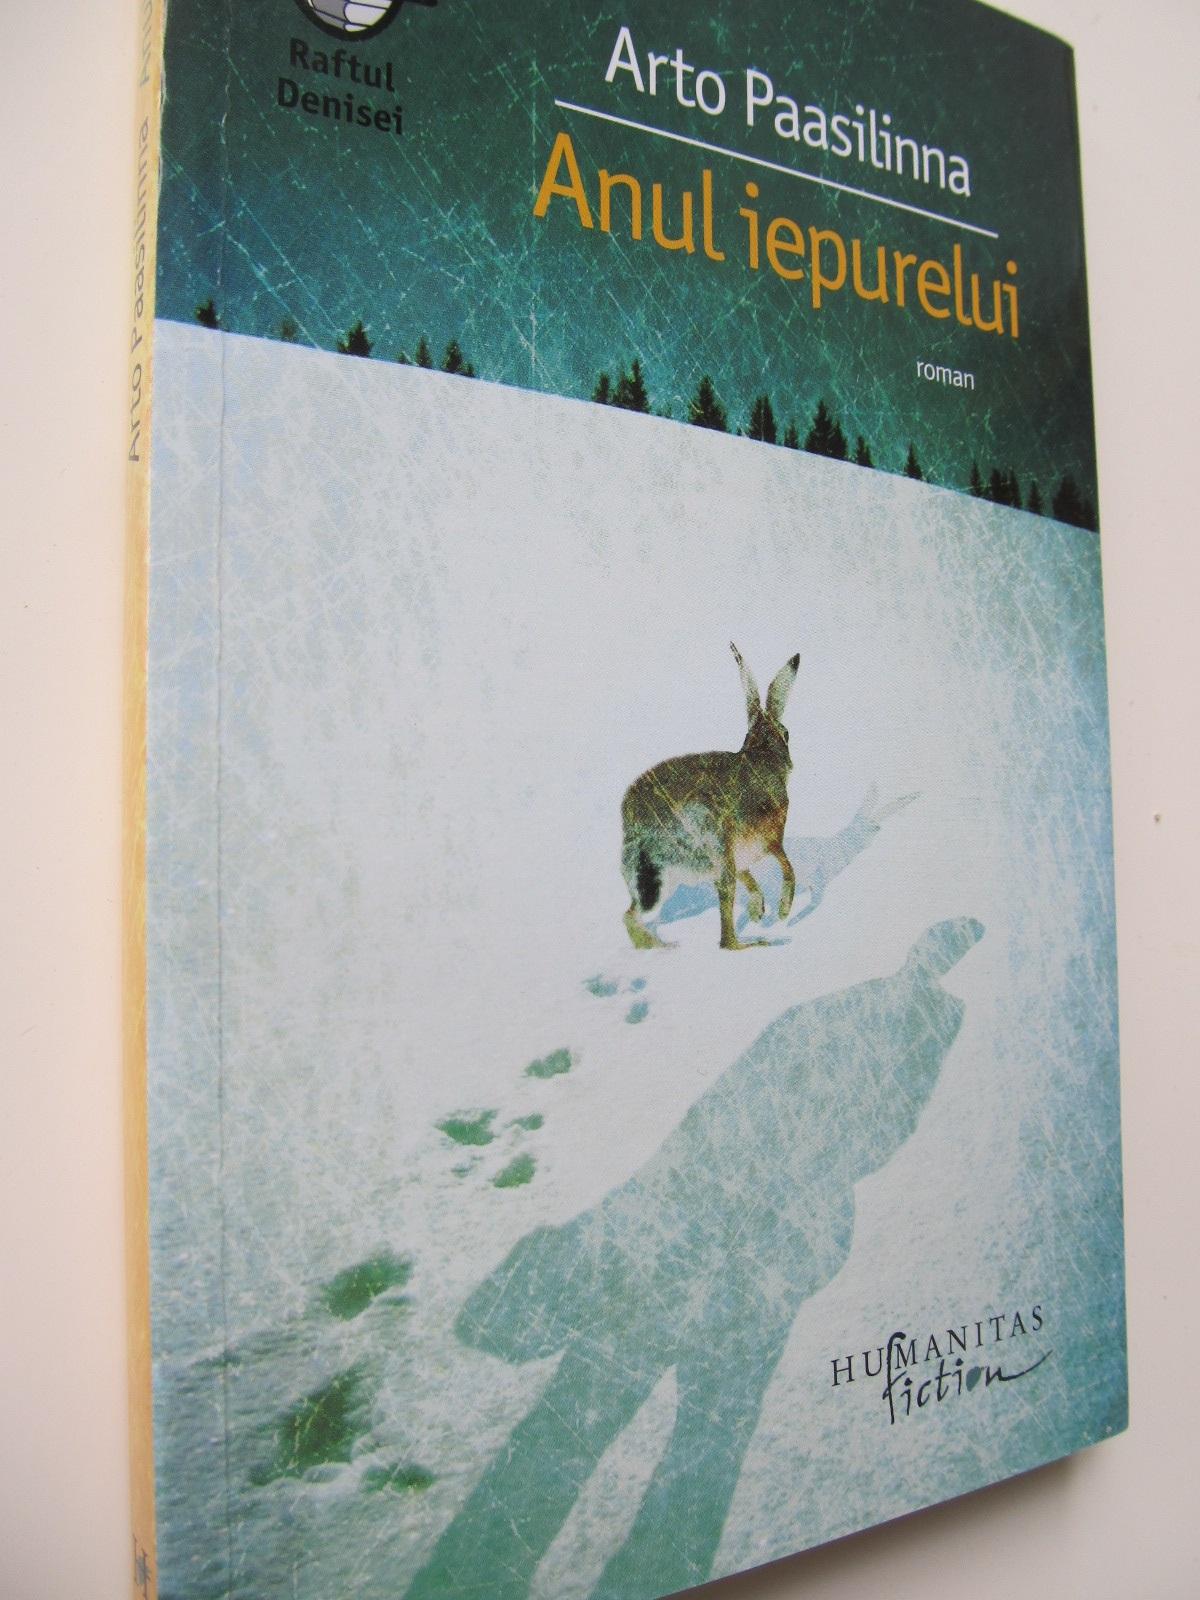 Anul iepurelui - Arto Paasilinna | Detalii carte